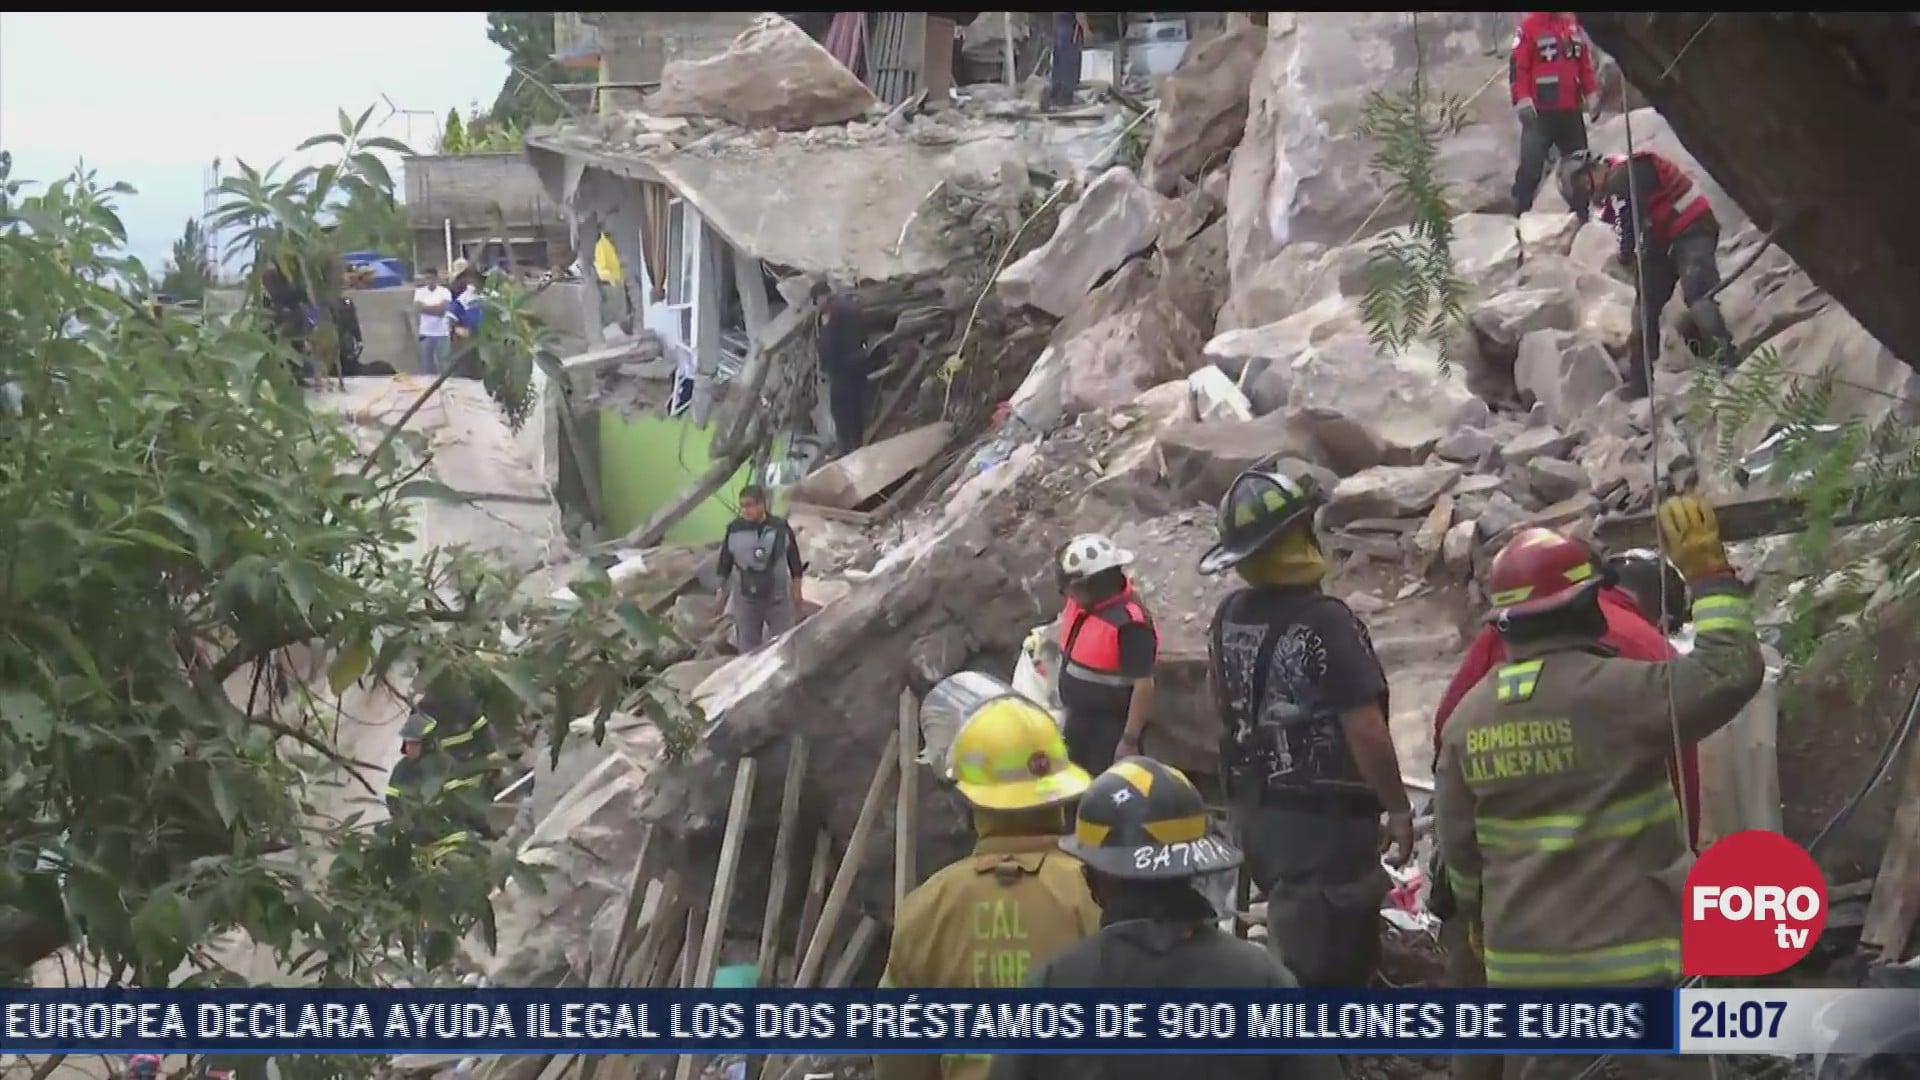 tragedia dolor y desesperacion los ecos del derrumbe en cerro del chiquihuite